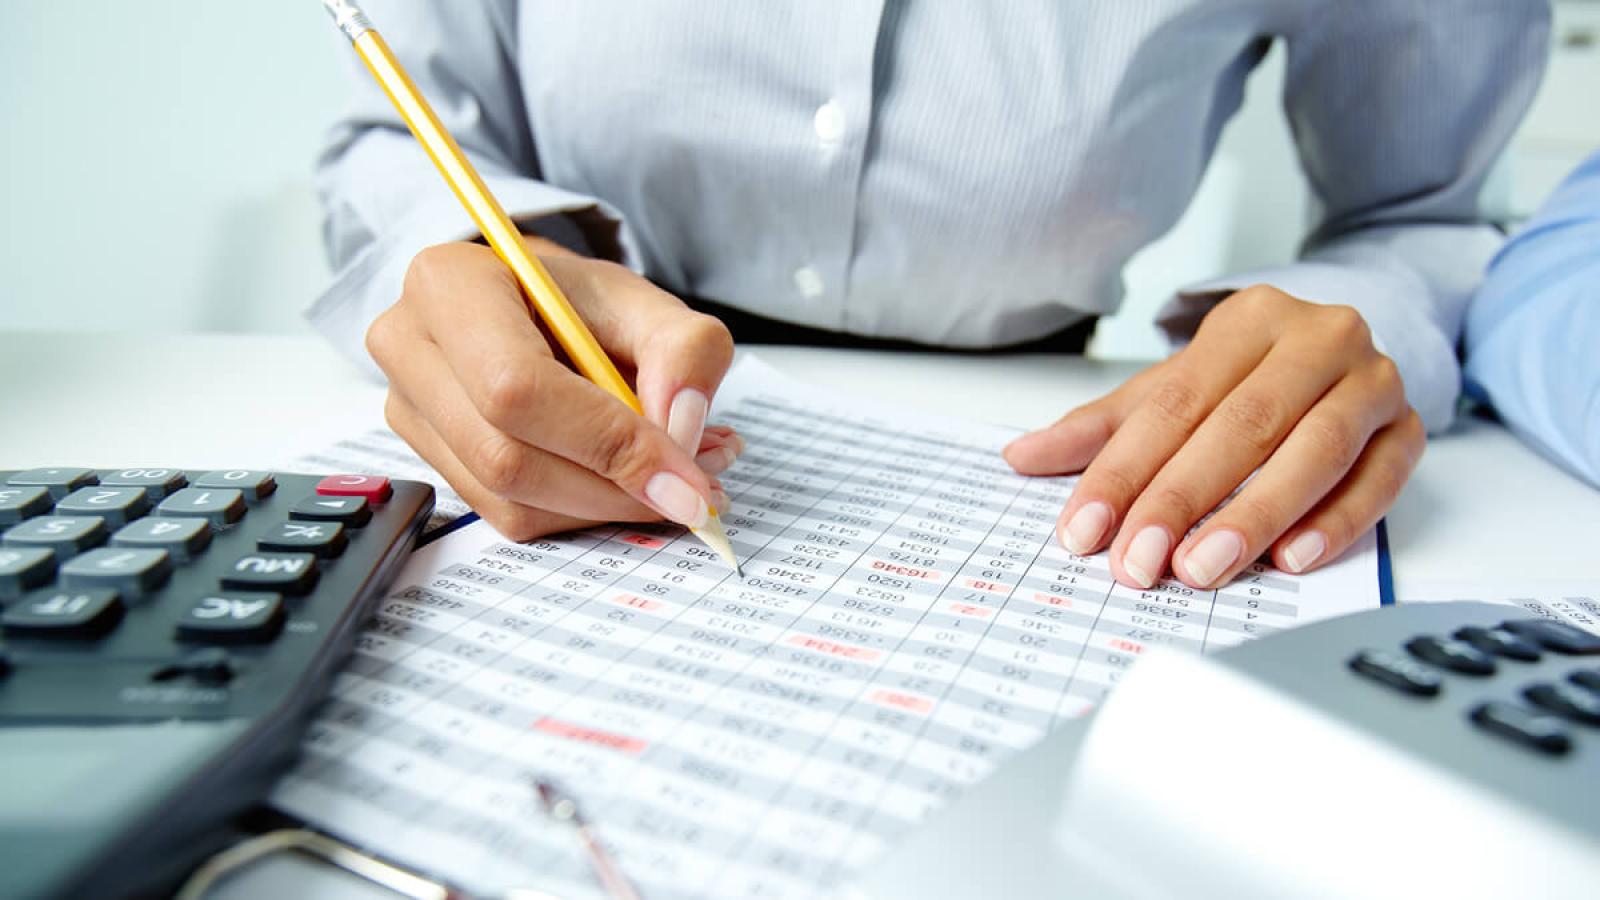 WebDFe - Otimização do departamento fiscal_ 5 dicas para você aplicar agora